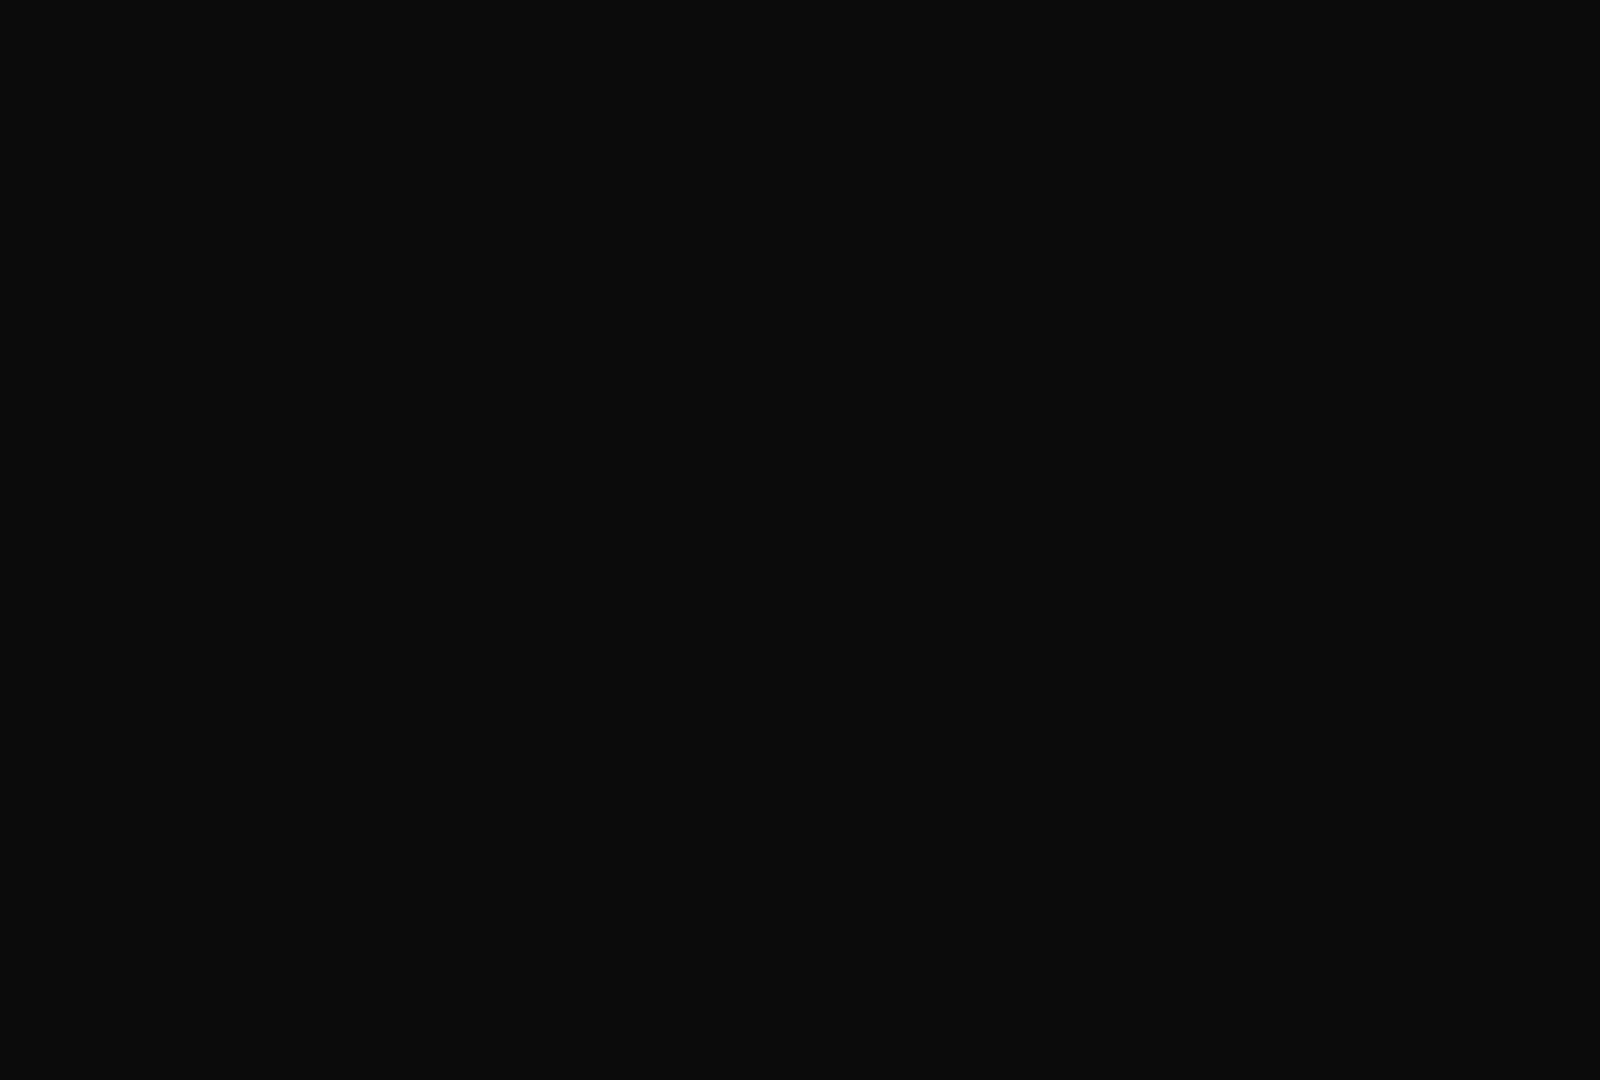 充血監督の深夜の運動会Vol.53 カップル エロ無料画像 97pic 30